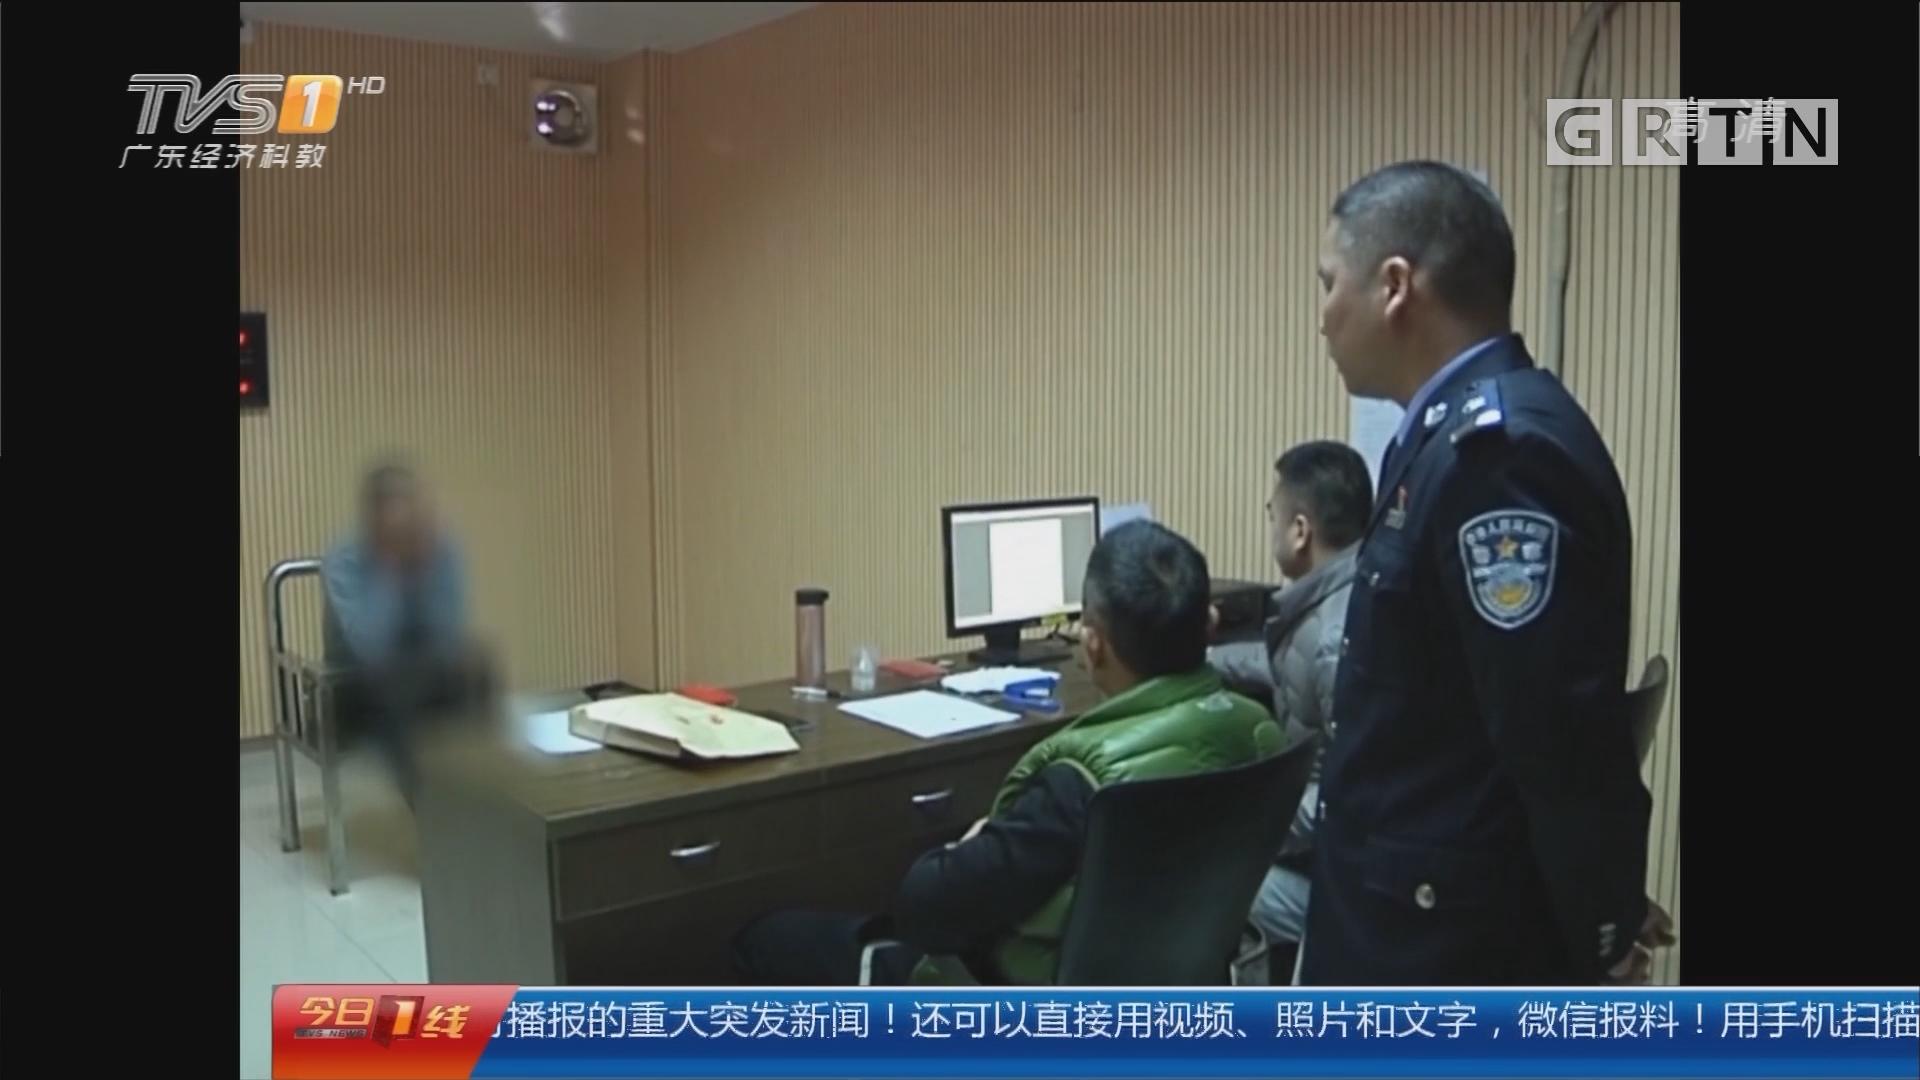 肇庆德庆:锤头抢劫致重伤 嫌疑人4小时落网